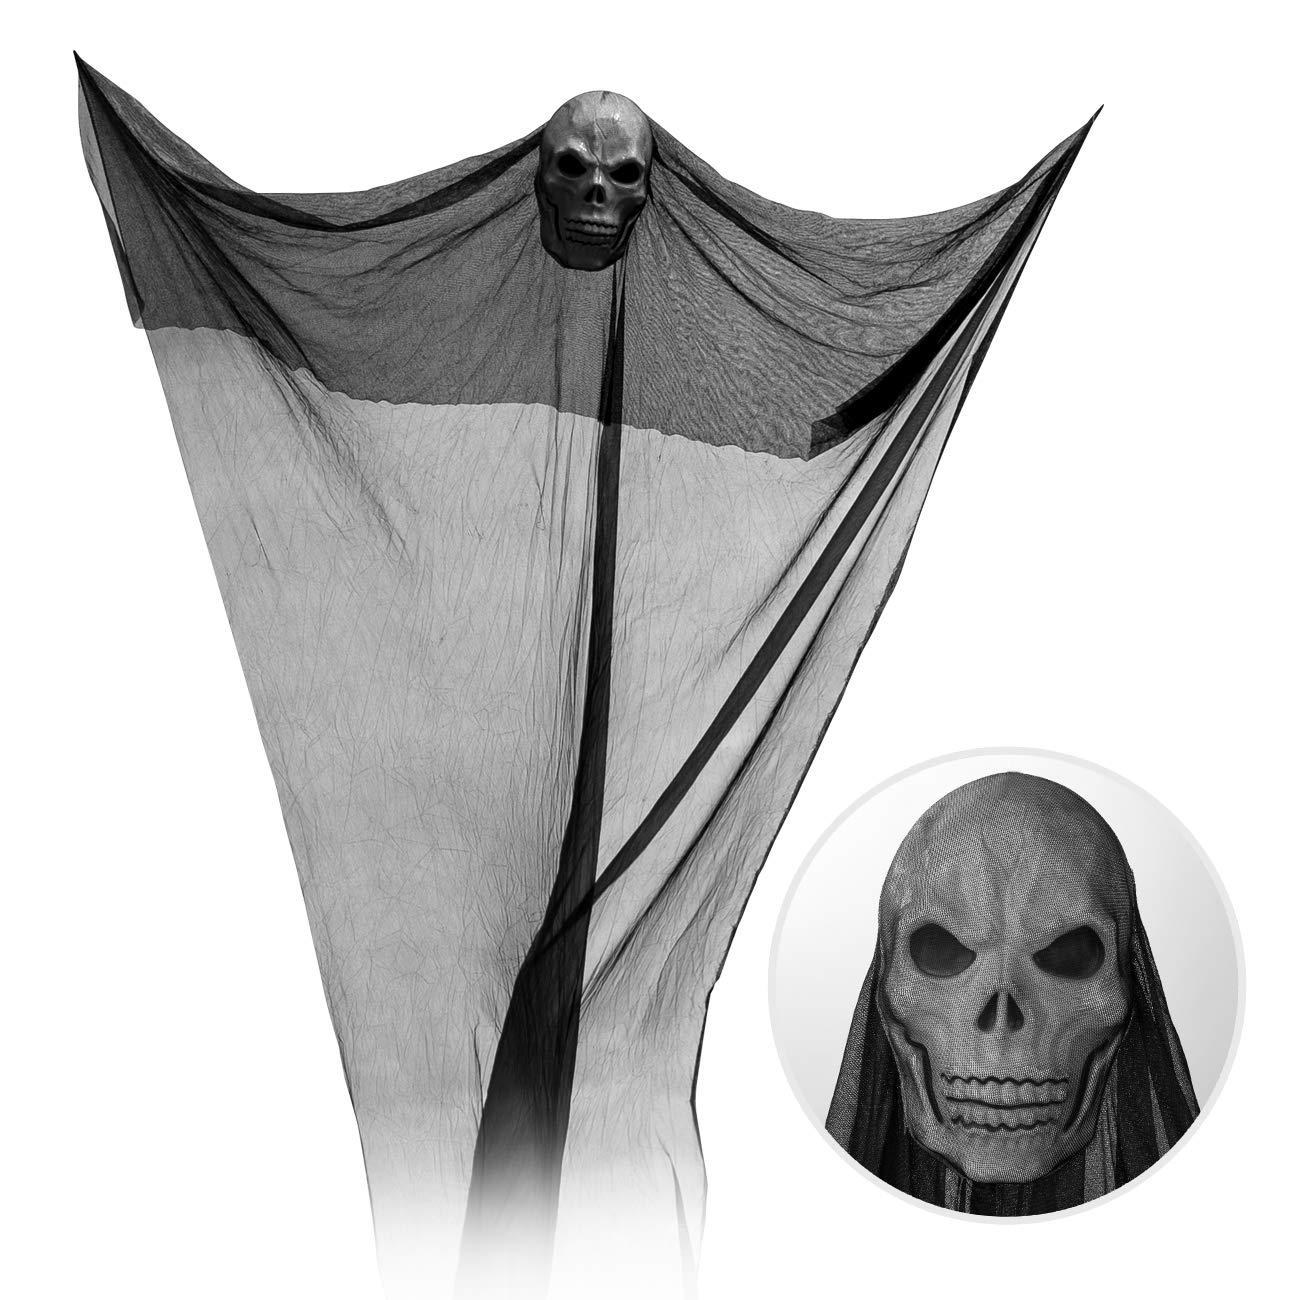 GWHOLE Red Colgante Fantasma de Halloween con Calavera Negra 3,2 Metros Fiesta Tem/ática de Terror Decoraciones para Fiesta de Halloween